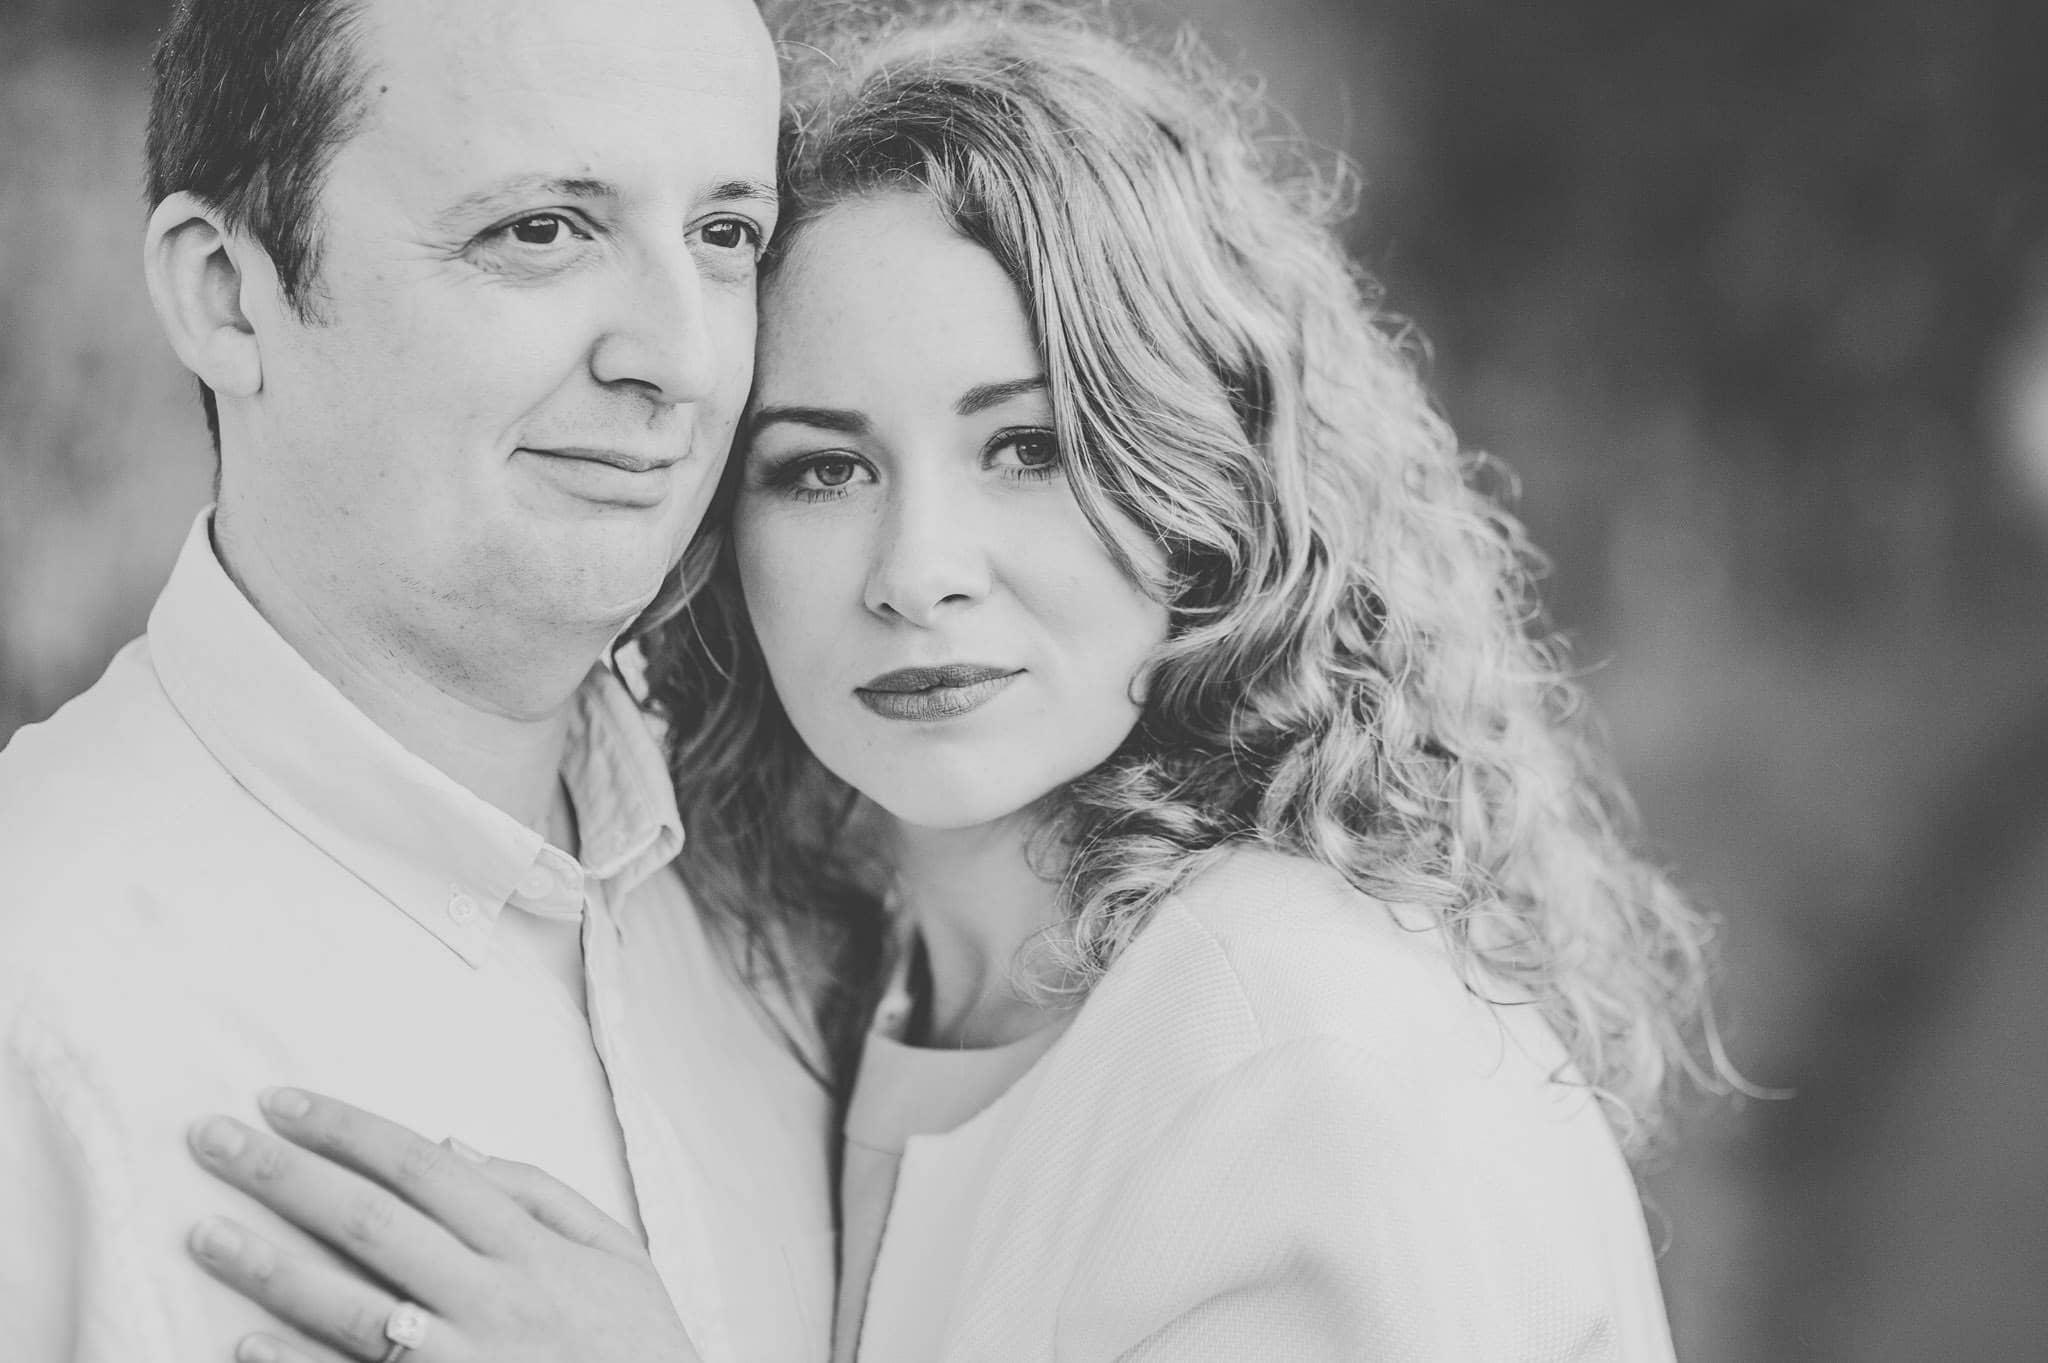 wedding-photographer-aberystwyth (7)